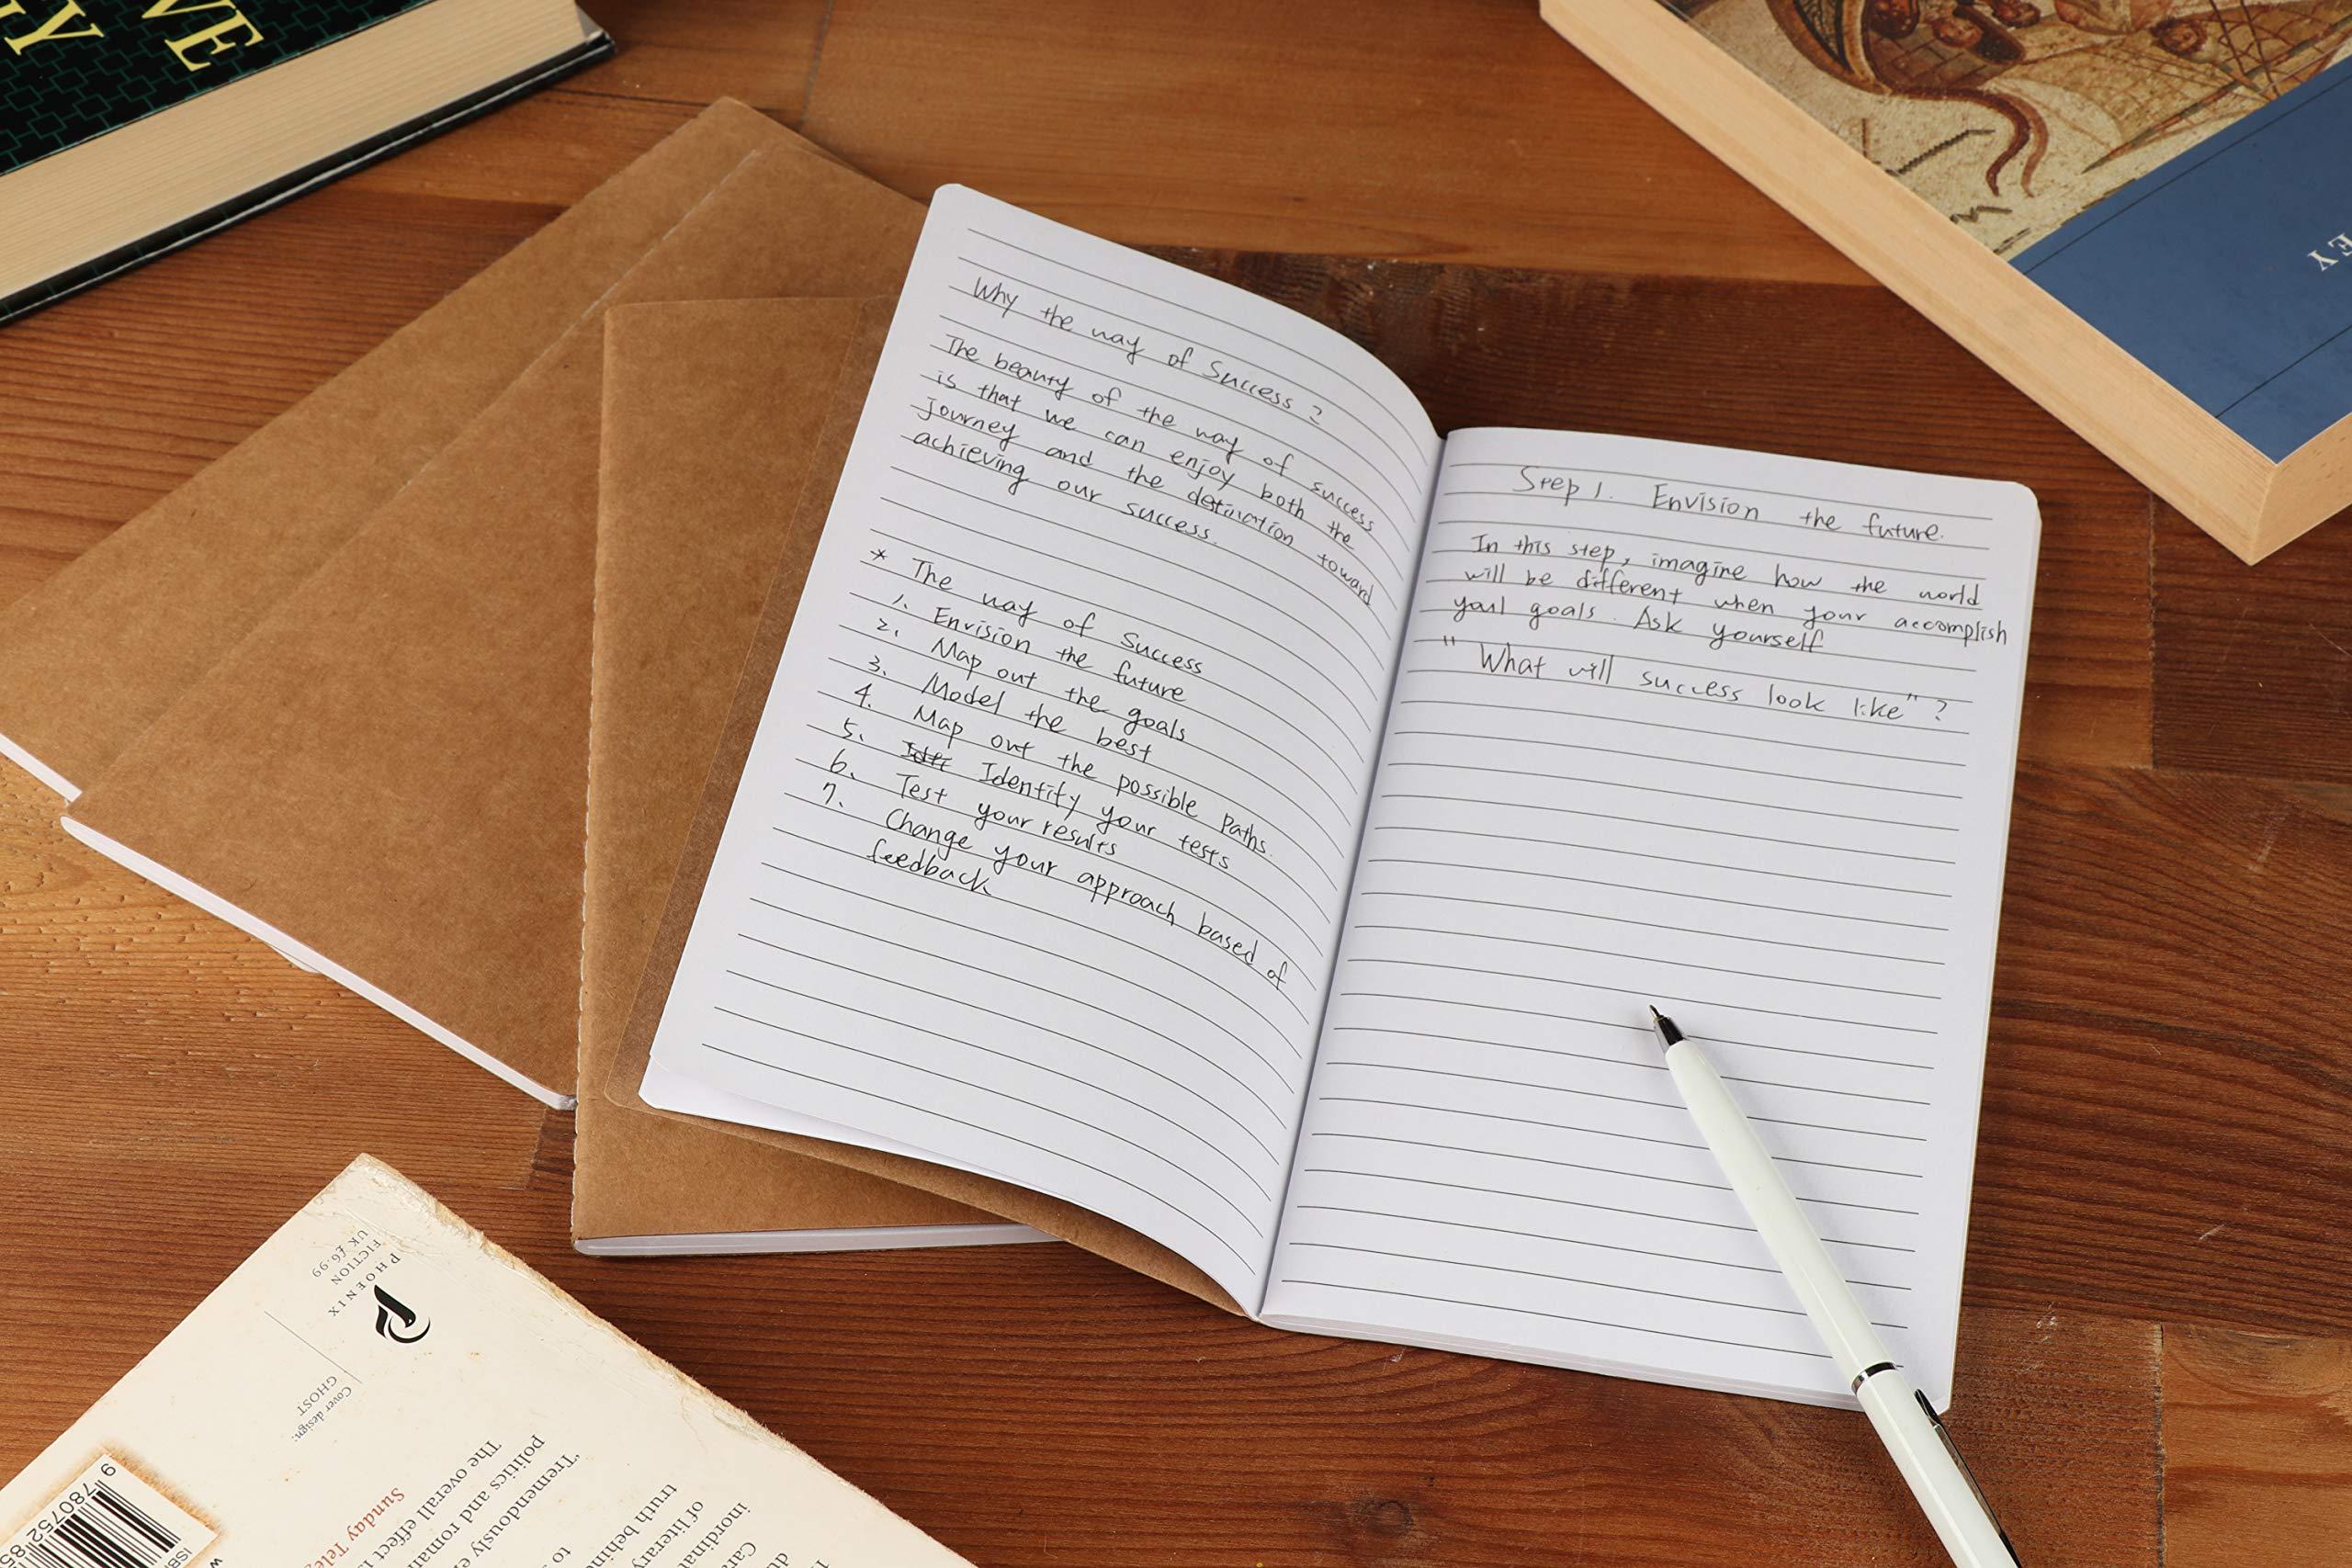 Leicht und Handlich Braun Paper Junkie Mini-Notizhefte mit Kraftpapier-Cover f/ür Skizzen - Liniert 6,8 cm x 11,4 cm 32 Blatt Ideal als Reisetagebuch Set, 12 St/ück Kreatives Schreiben